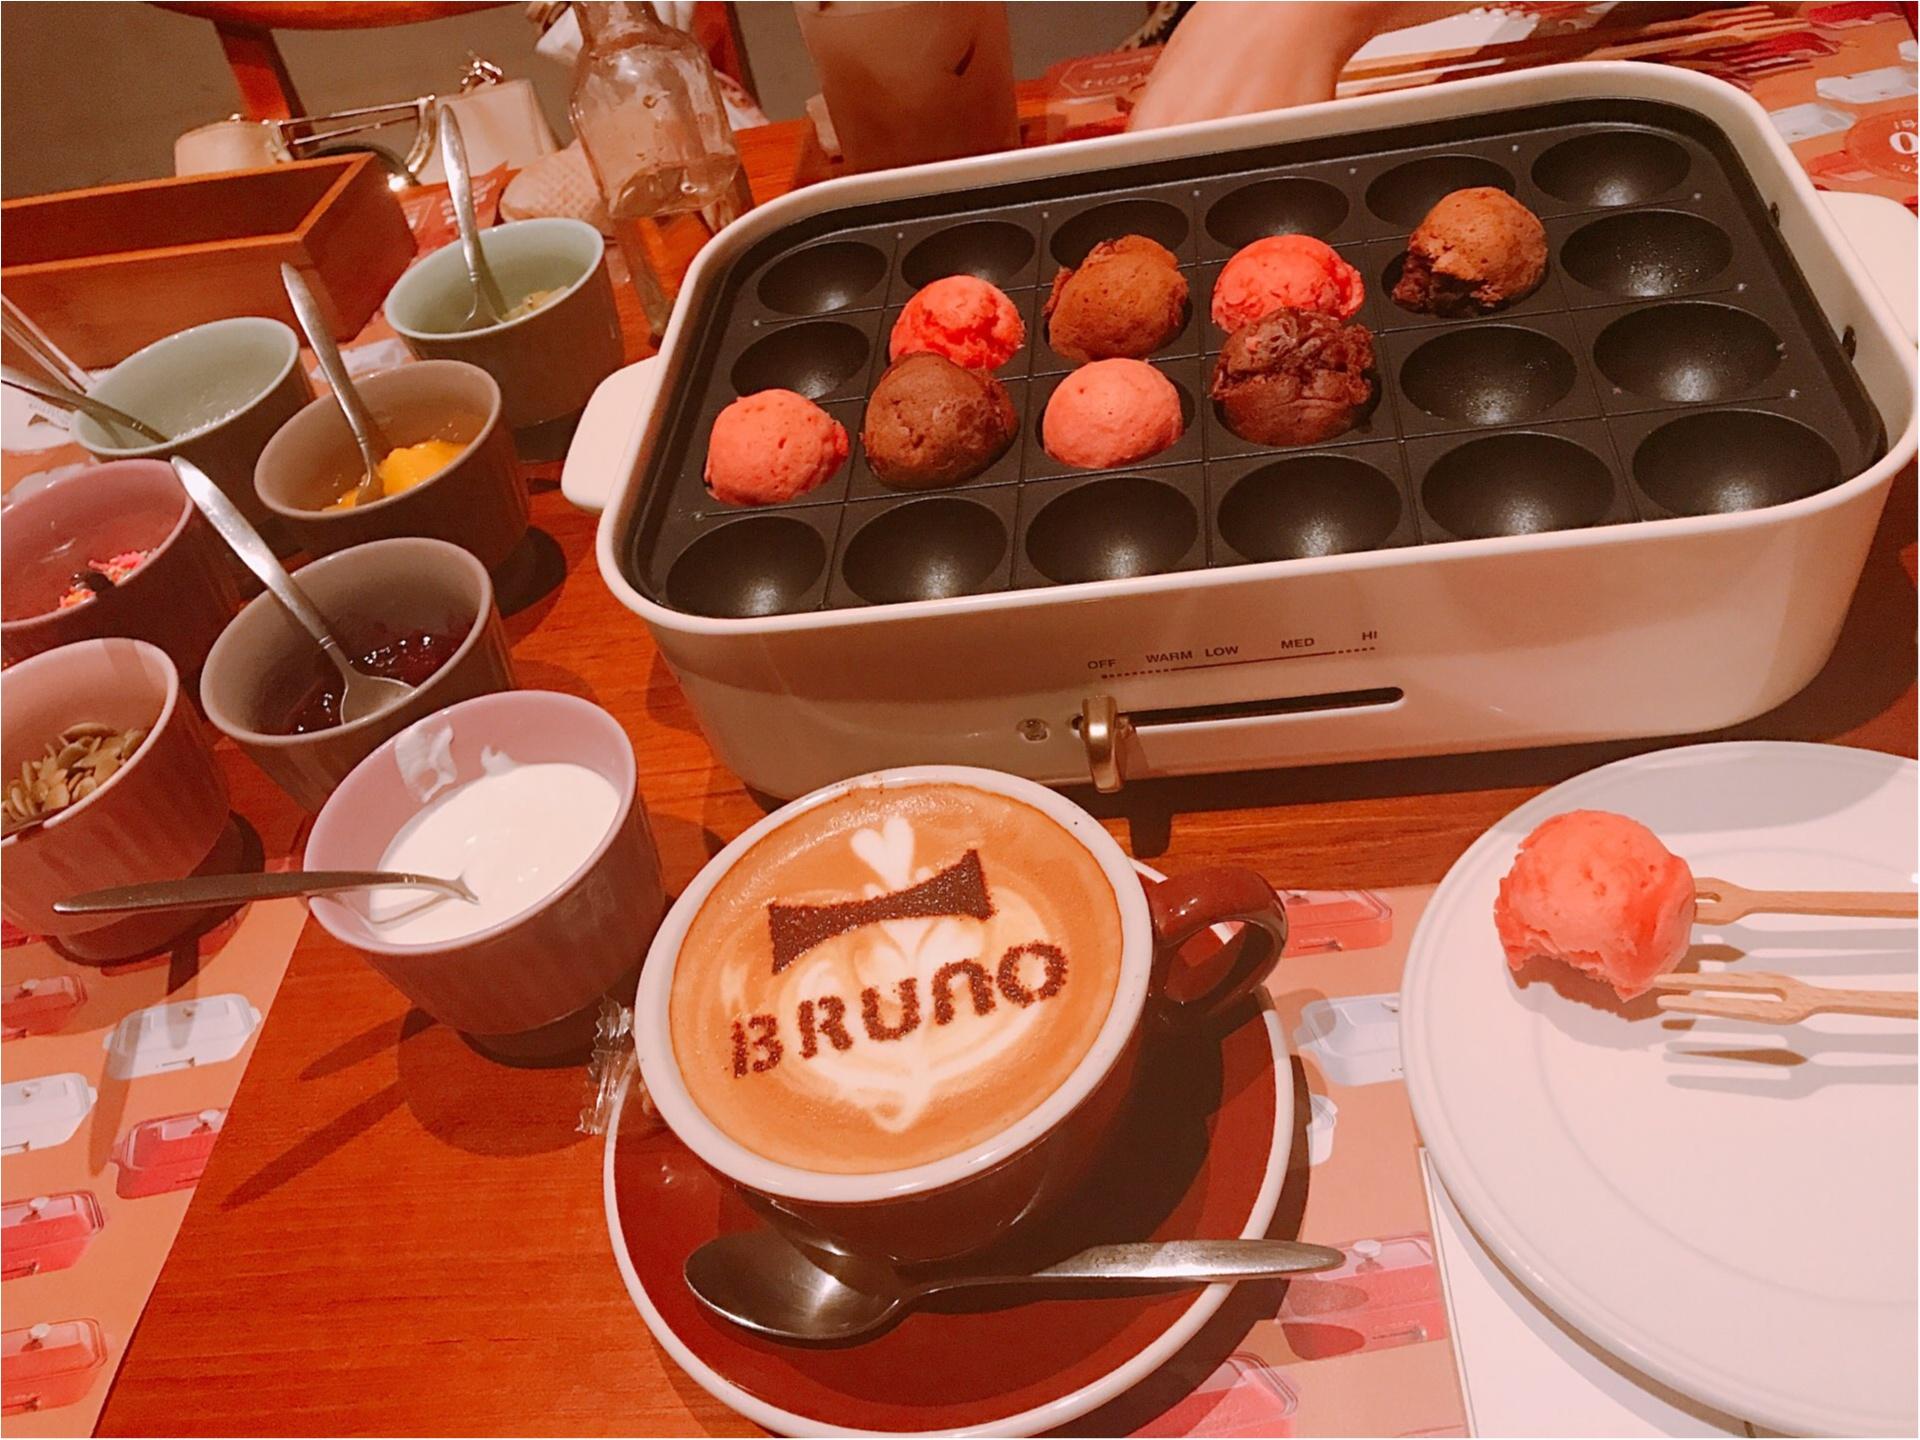 4日限定!コンパクトホットプレートでおもてなし【BRUNO CAFE】がオープン★_10